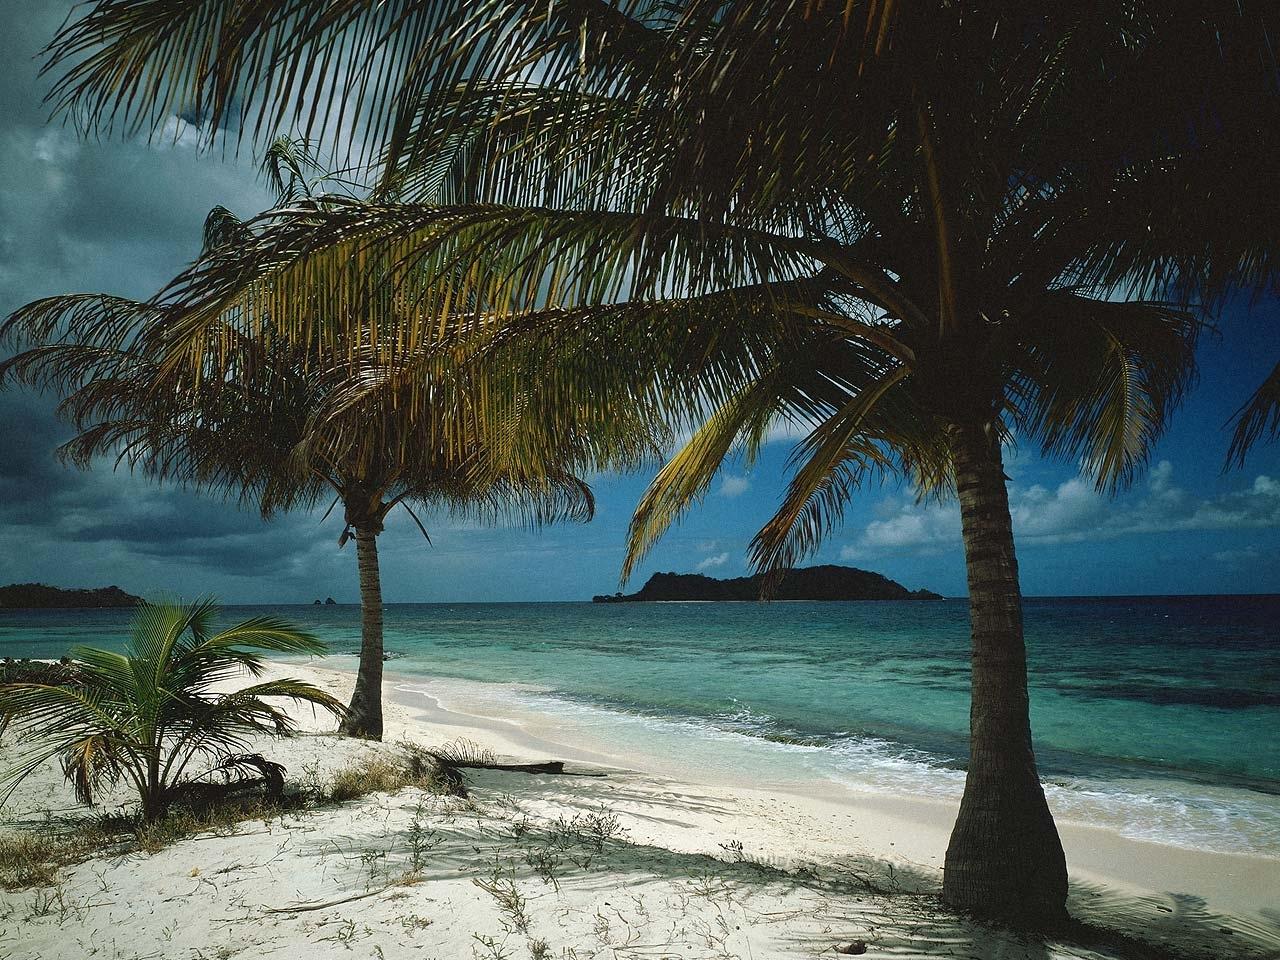 26462 免費下載壁紙 景观, 海, 云, 海滩, 棕榈 屏保和圖片